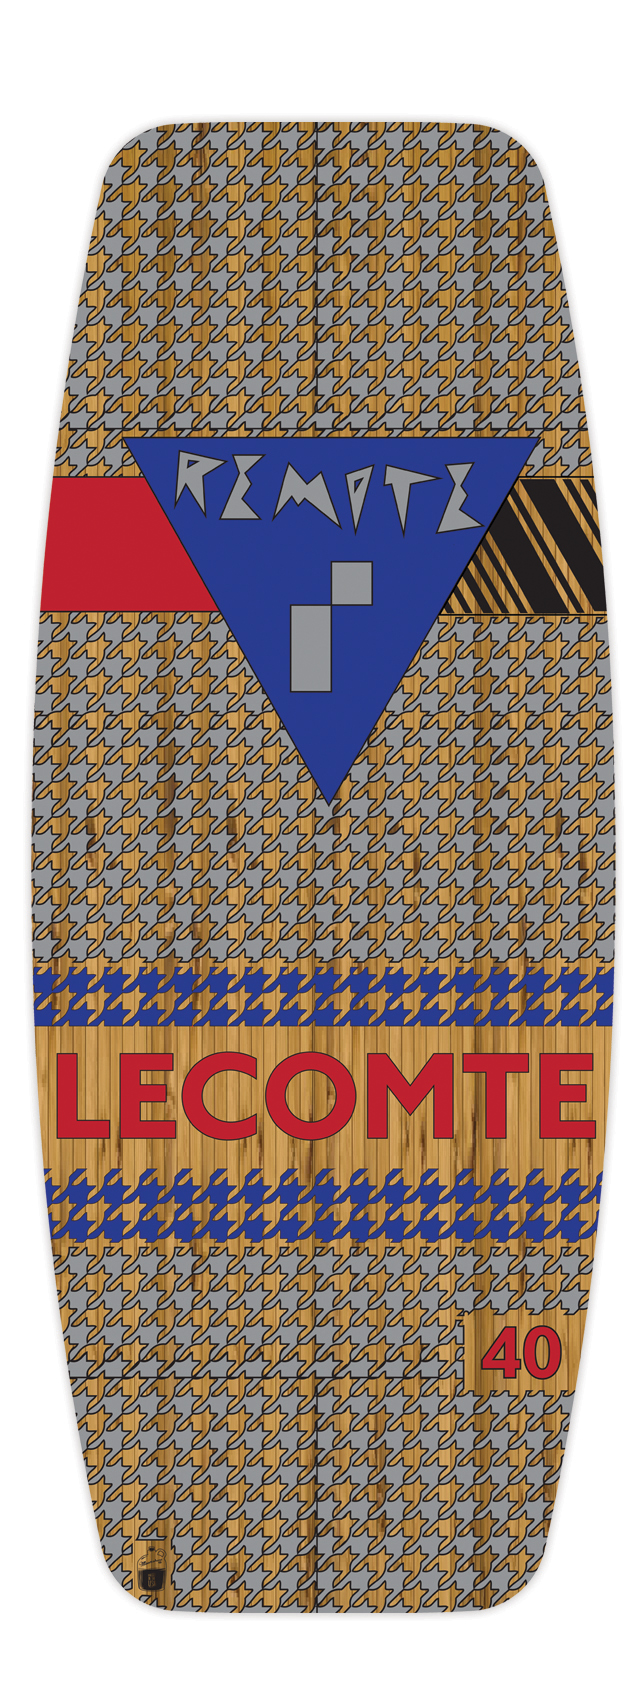 View Lecomte